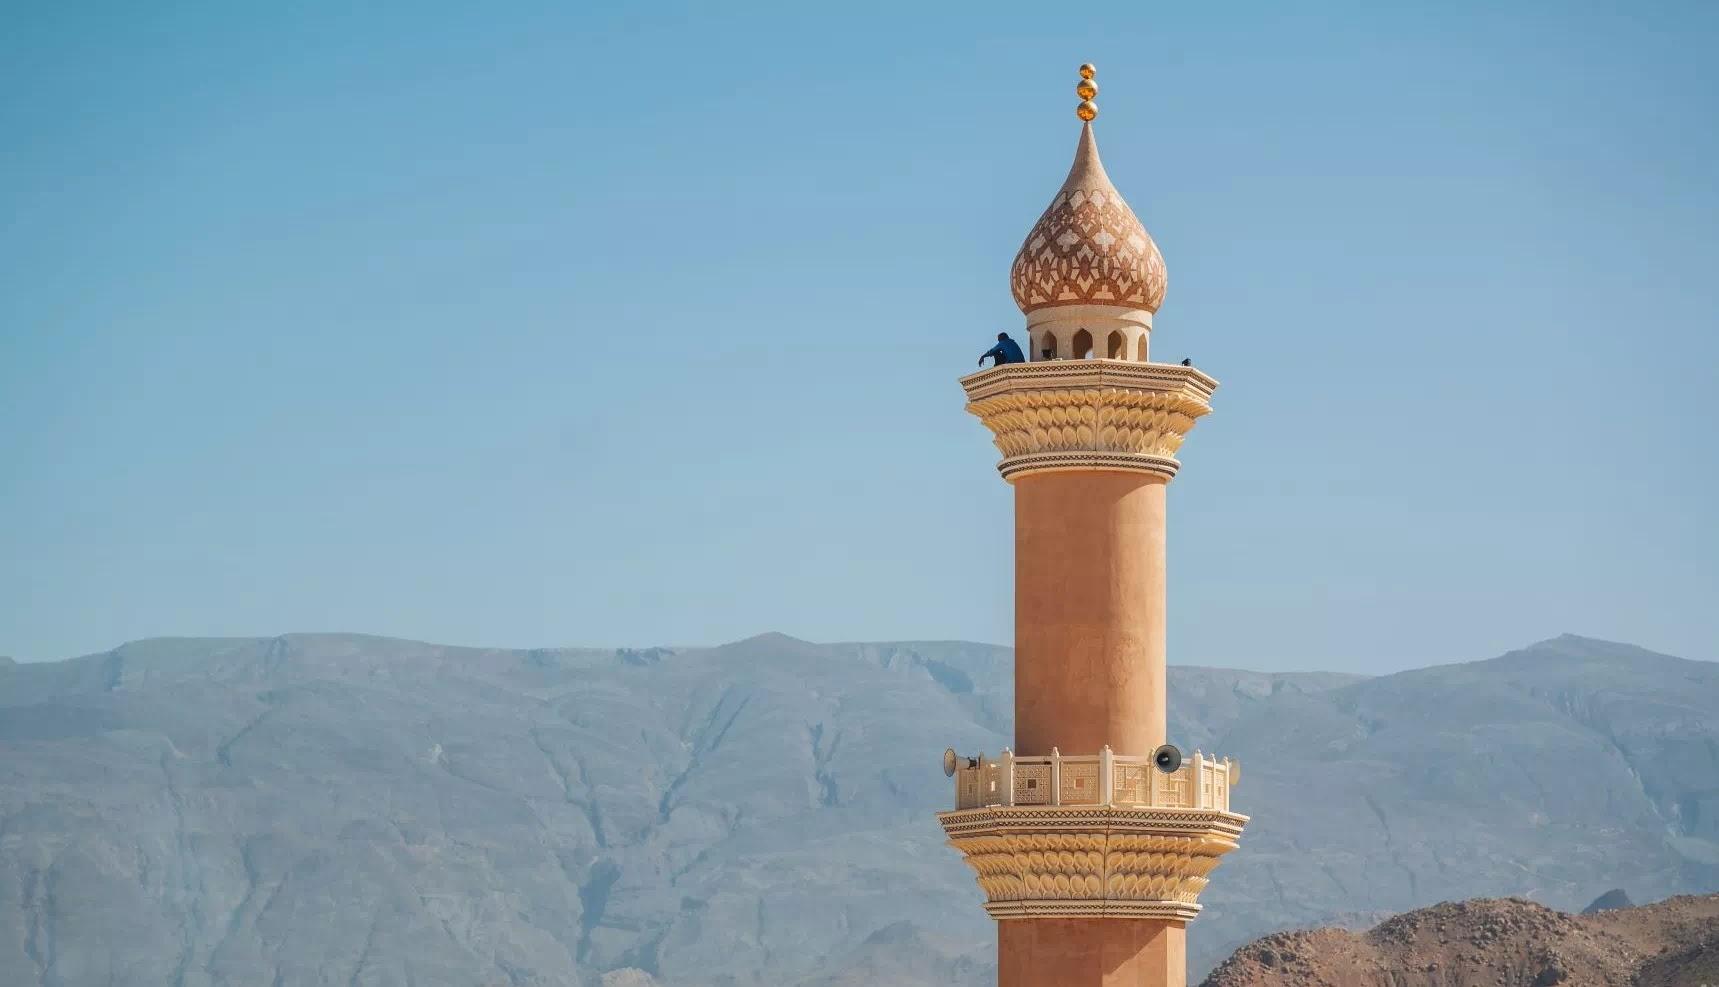 Menara Masjid di Oman